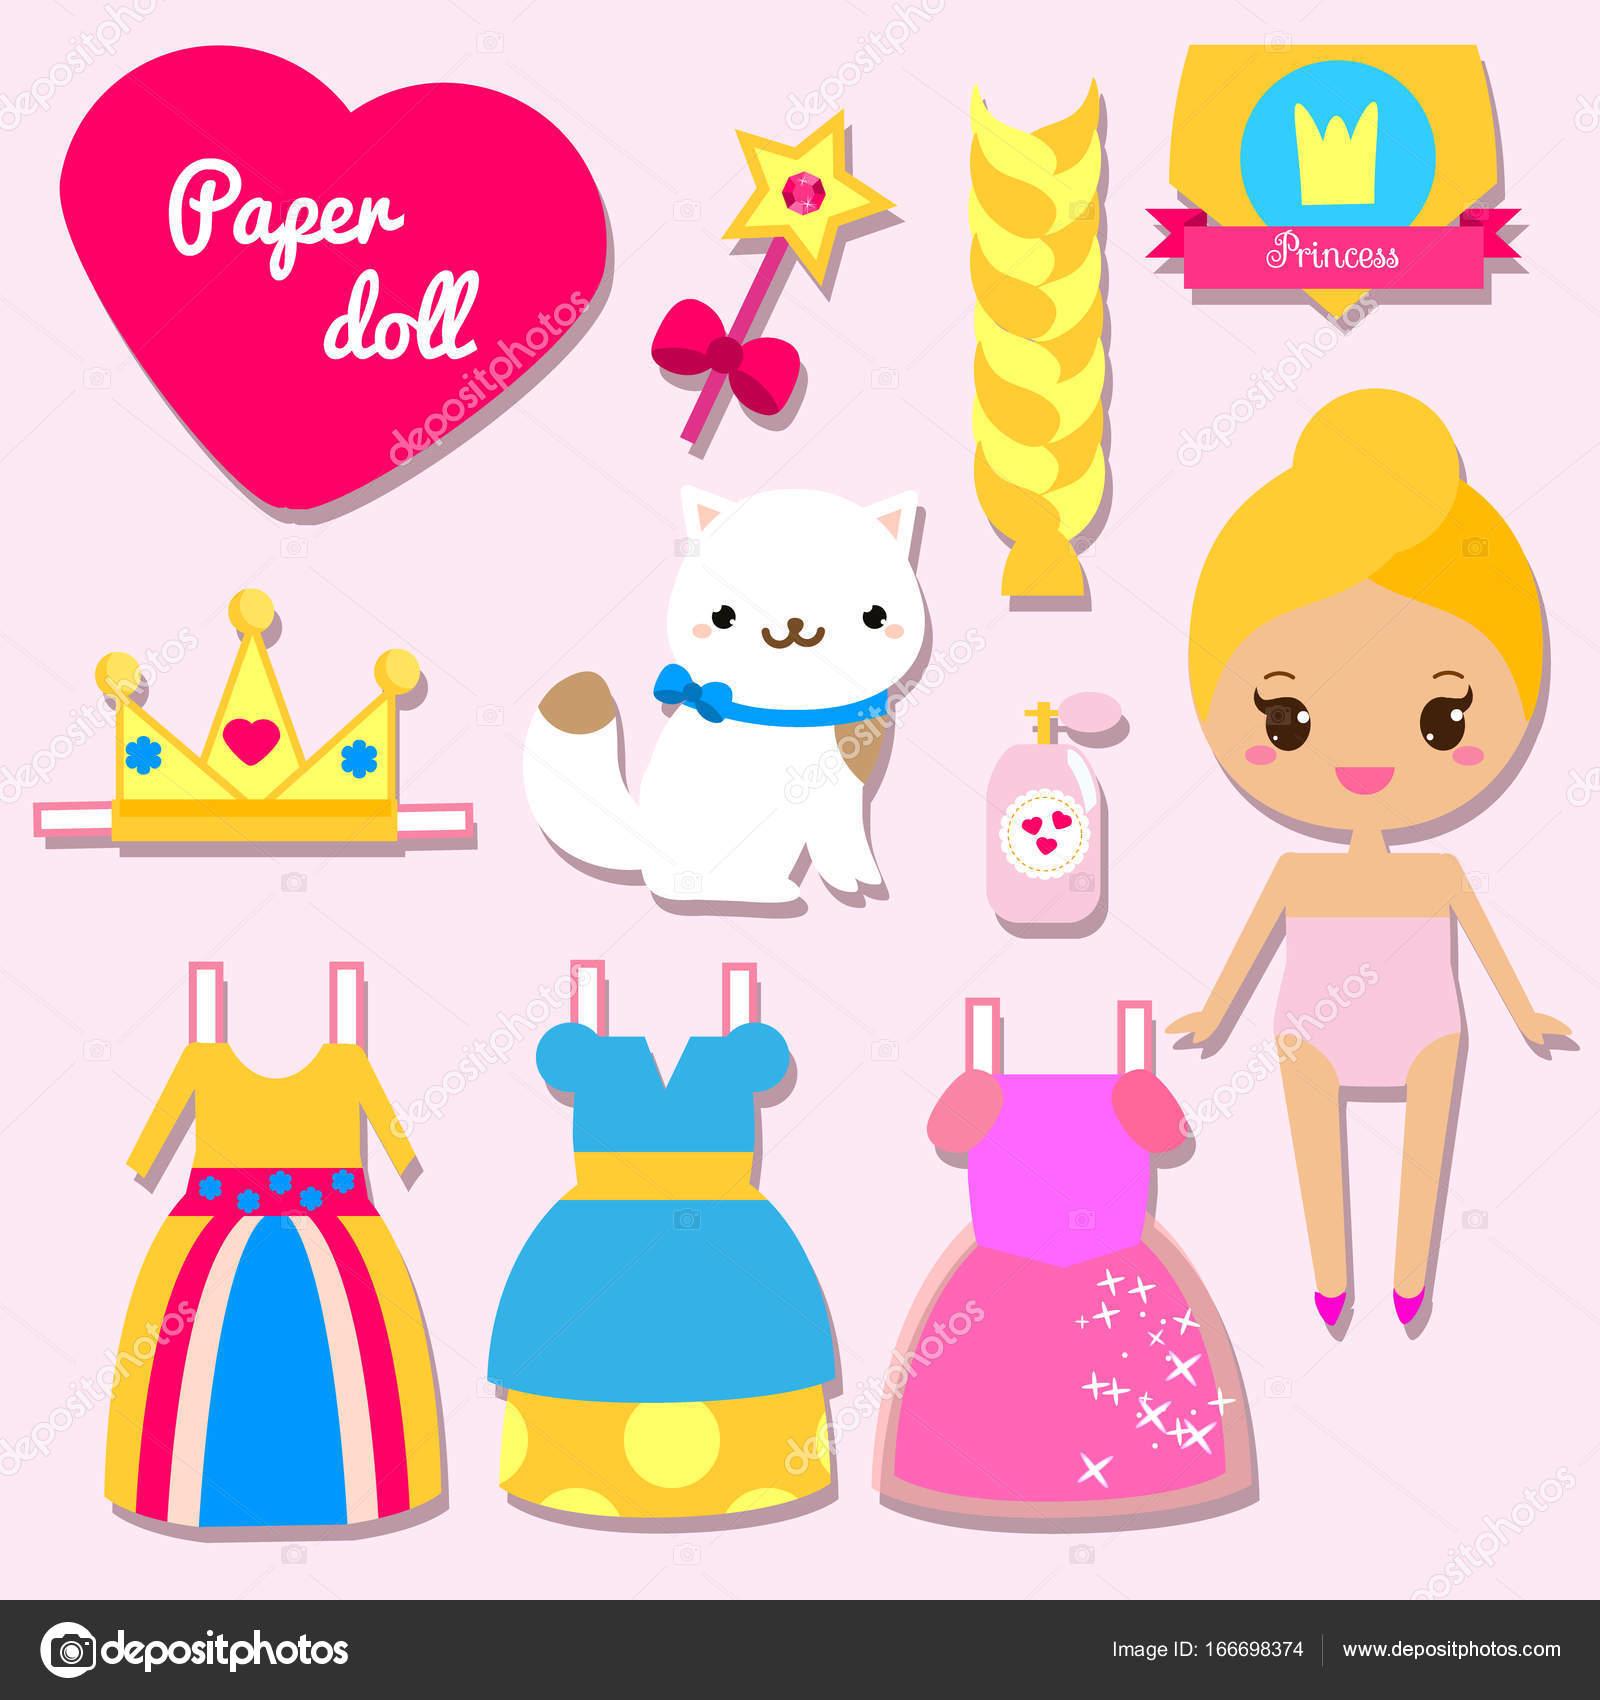 Meninas Para Boneca Bonito Papel De Princesa Vestir Crianças qwIIgXSH